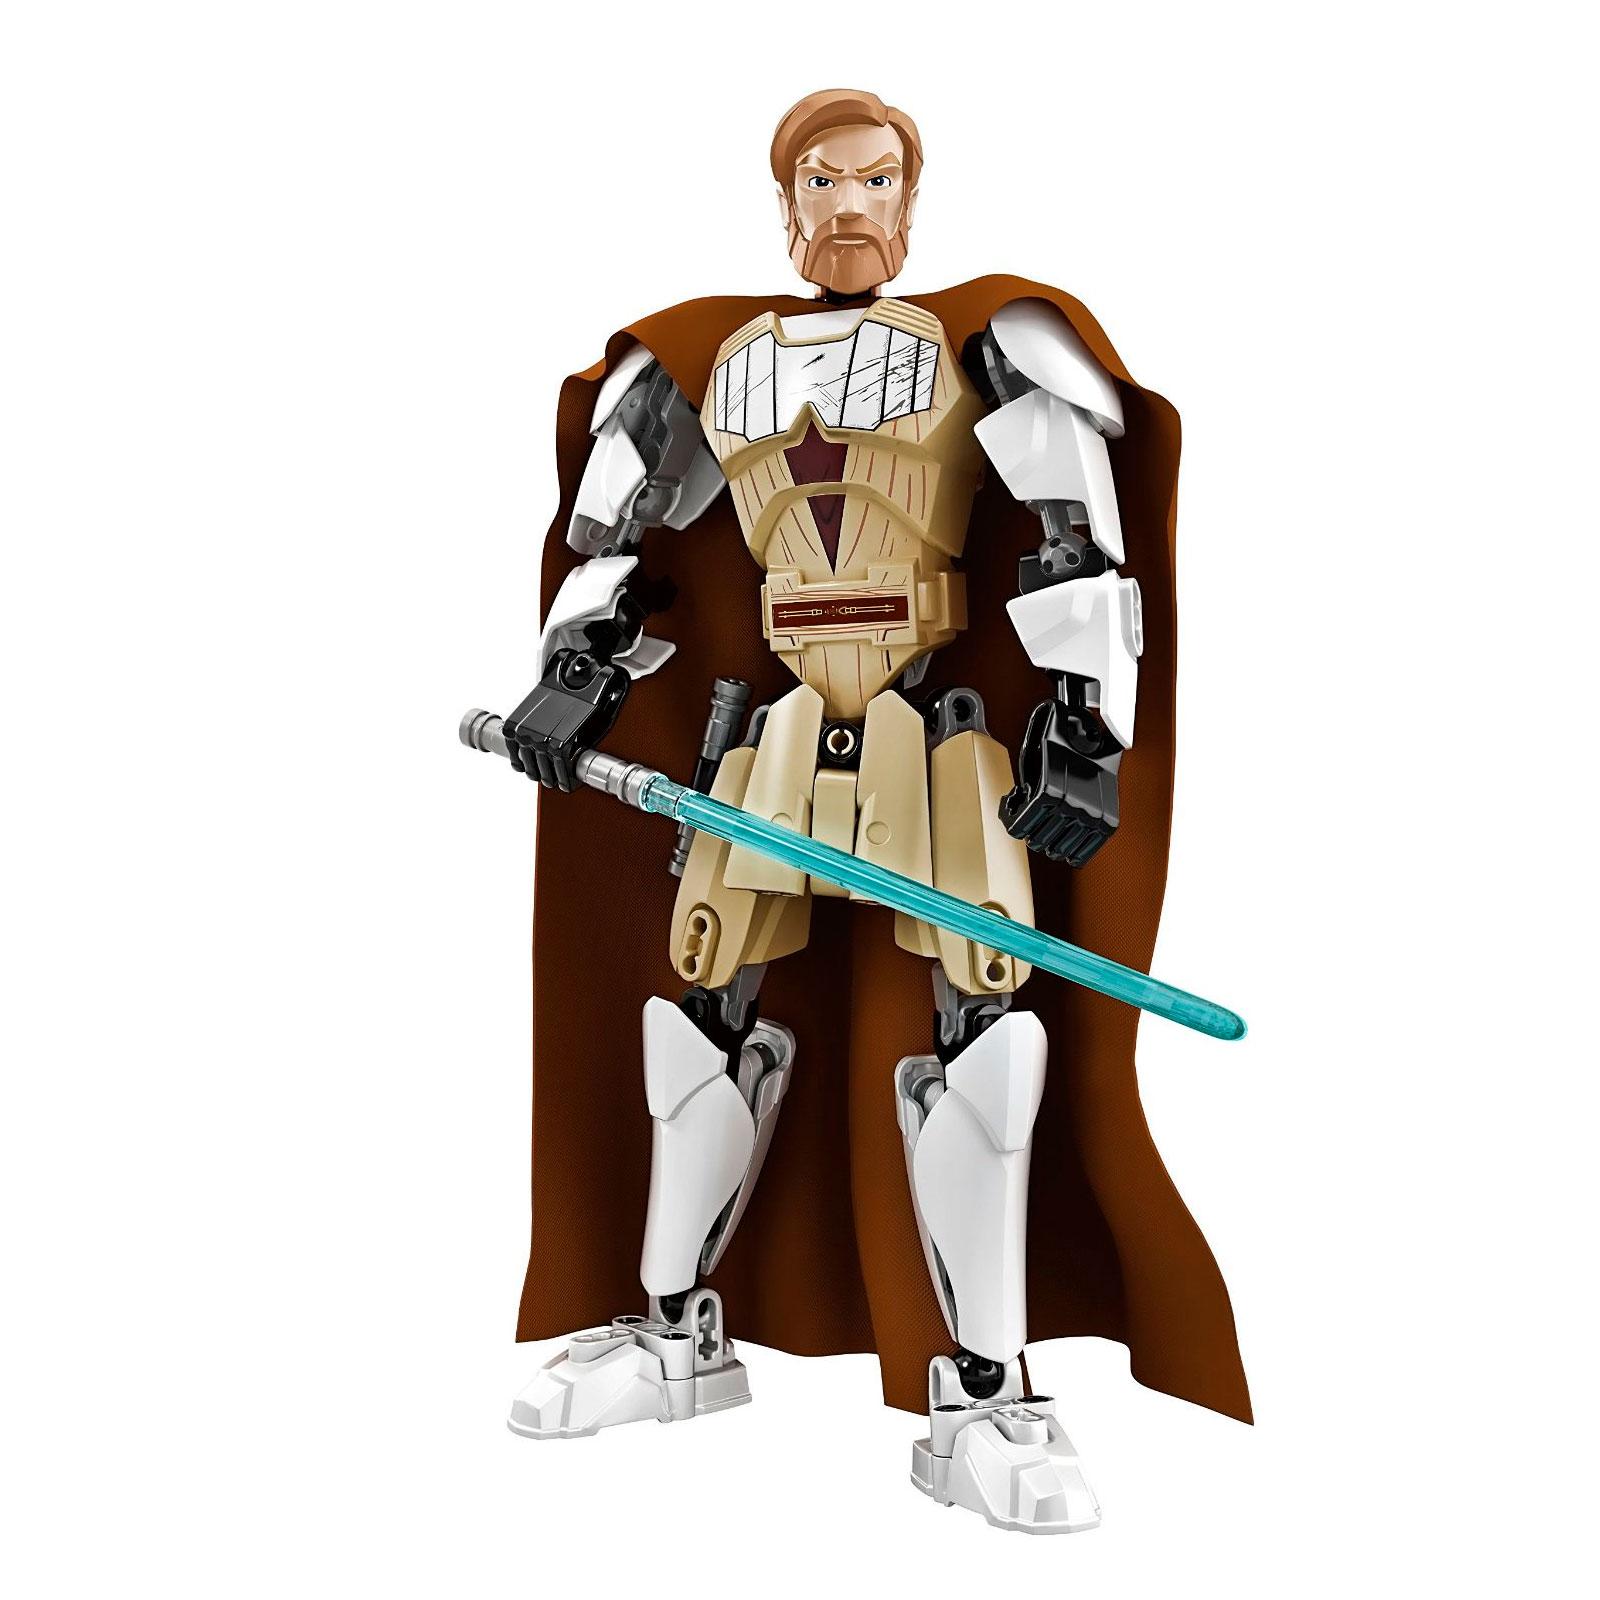 Конструктор LEGO Star Wars 75109 Звездные войны Оби-Ван Кеноби<br>